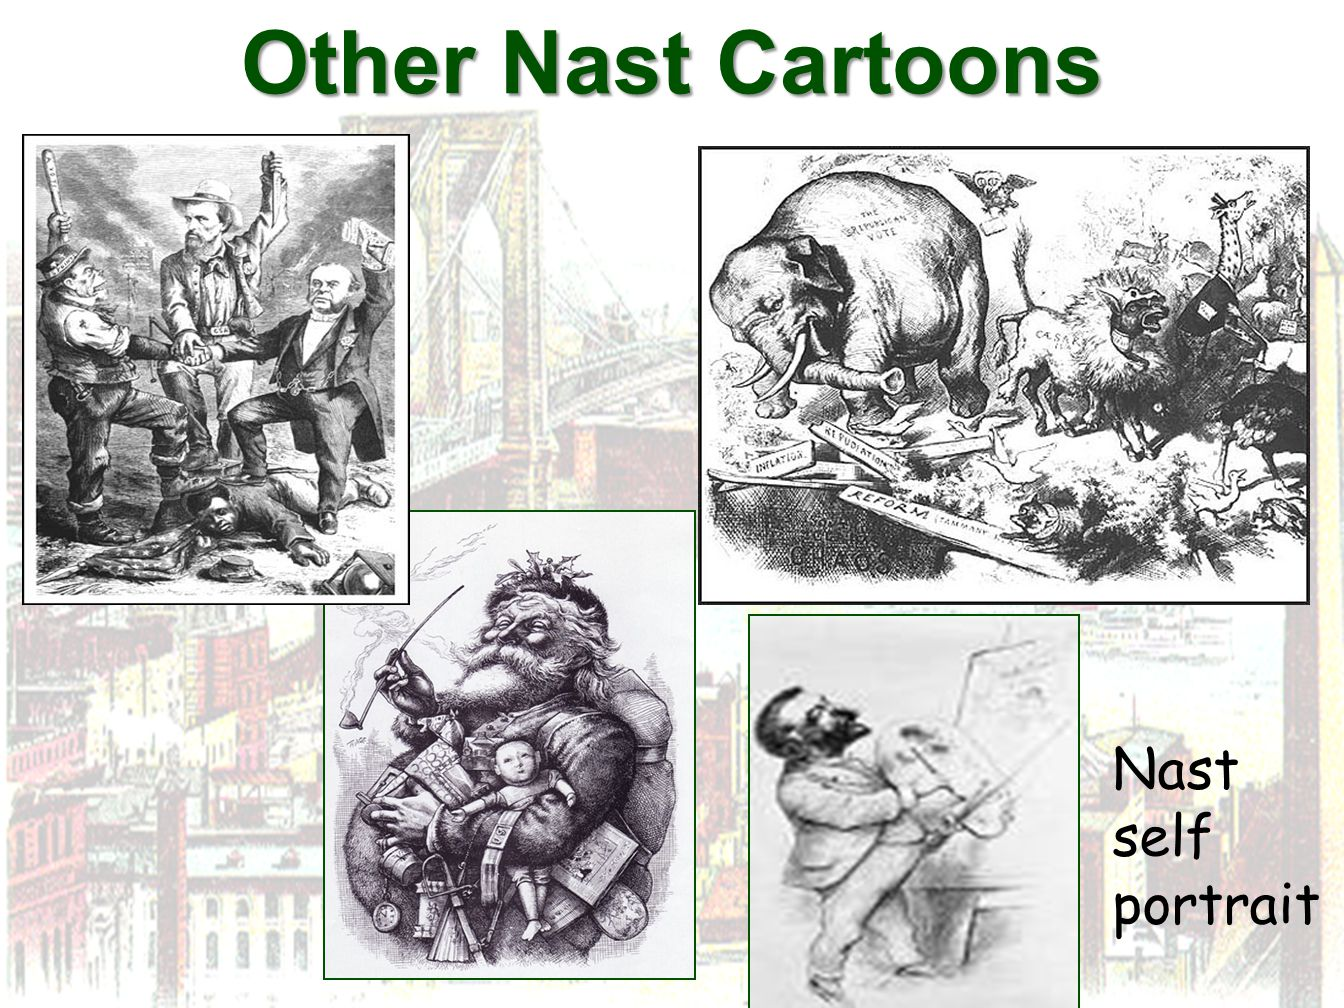 Other Nast Cartoons Nast self portrait